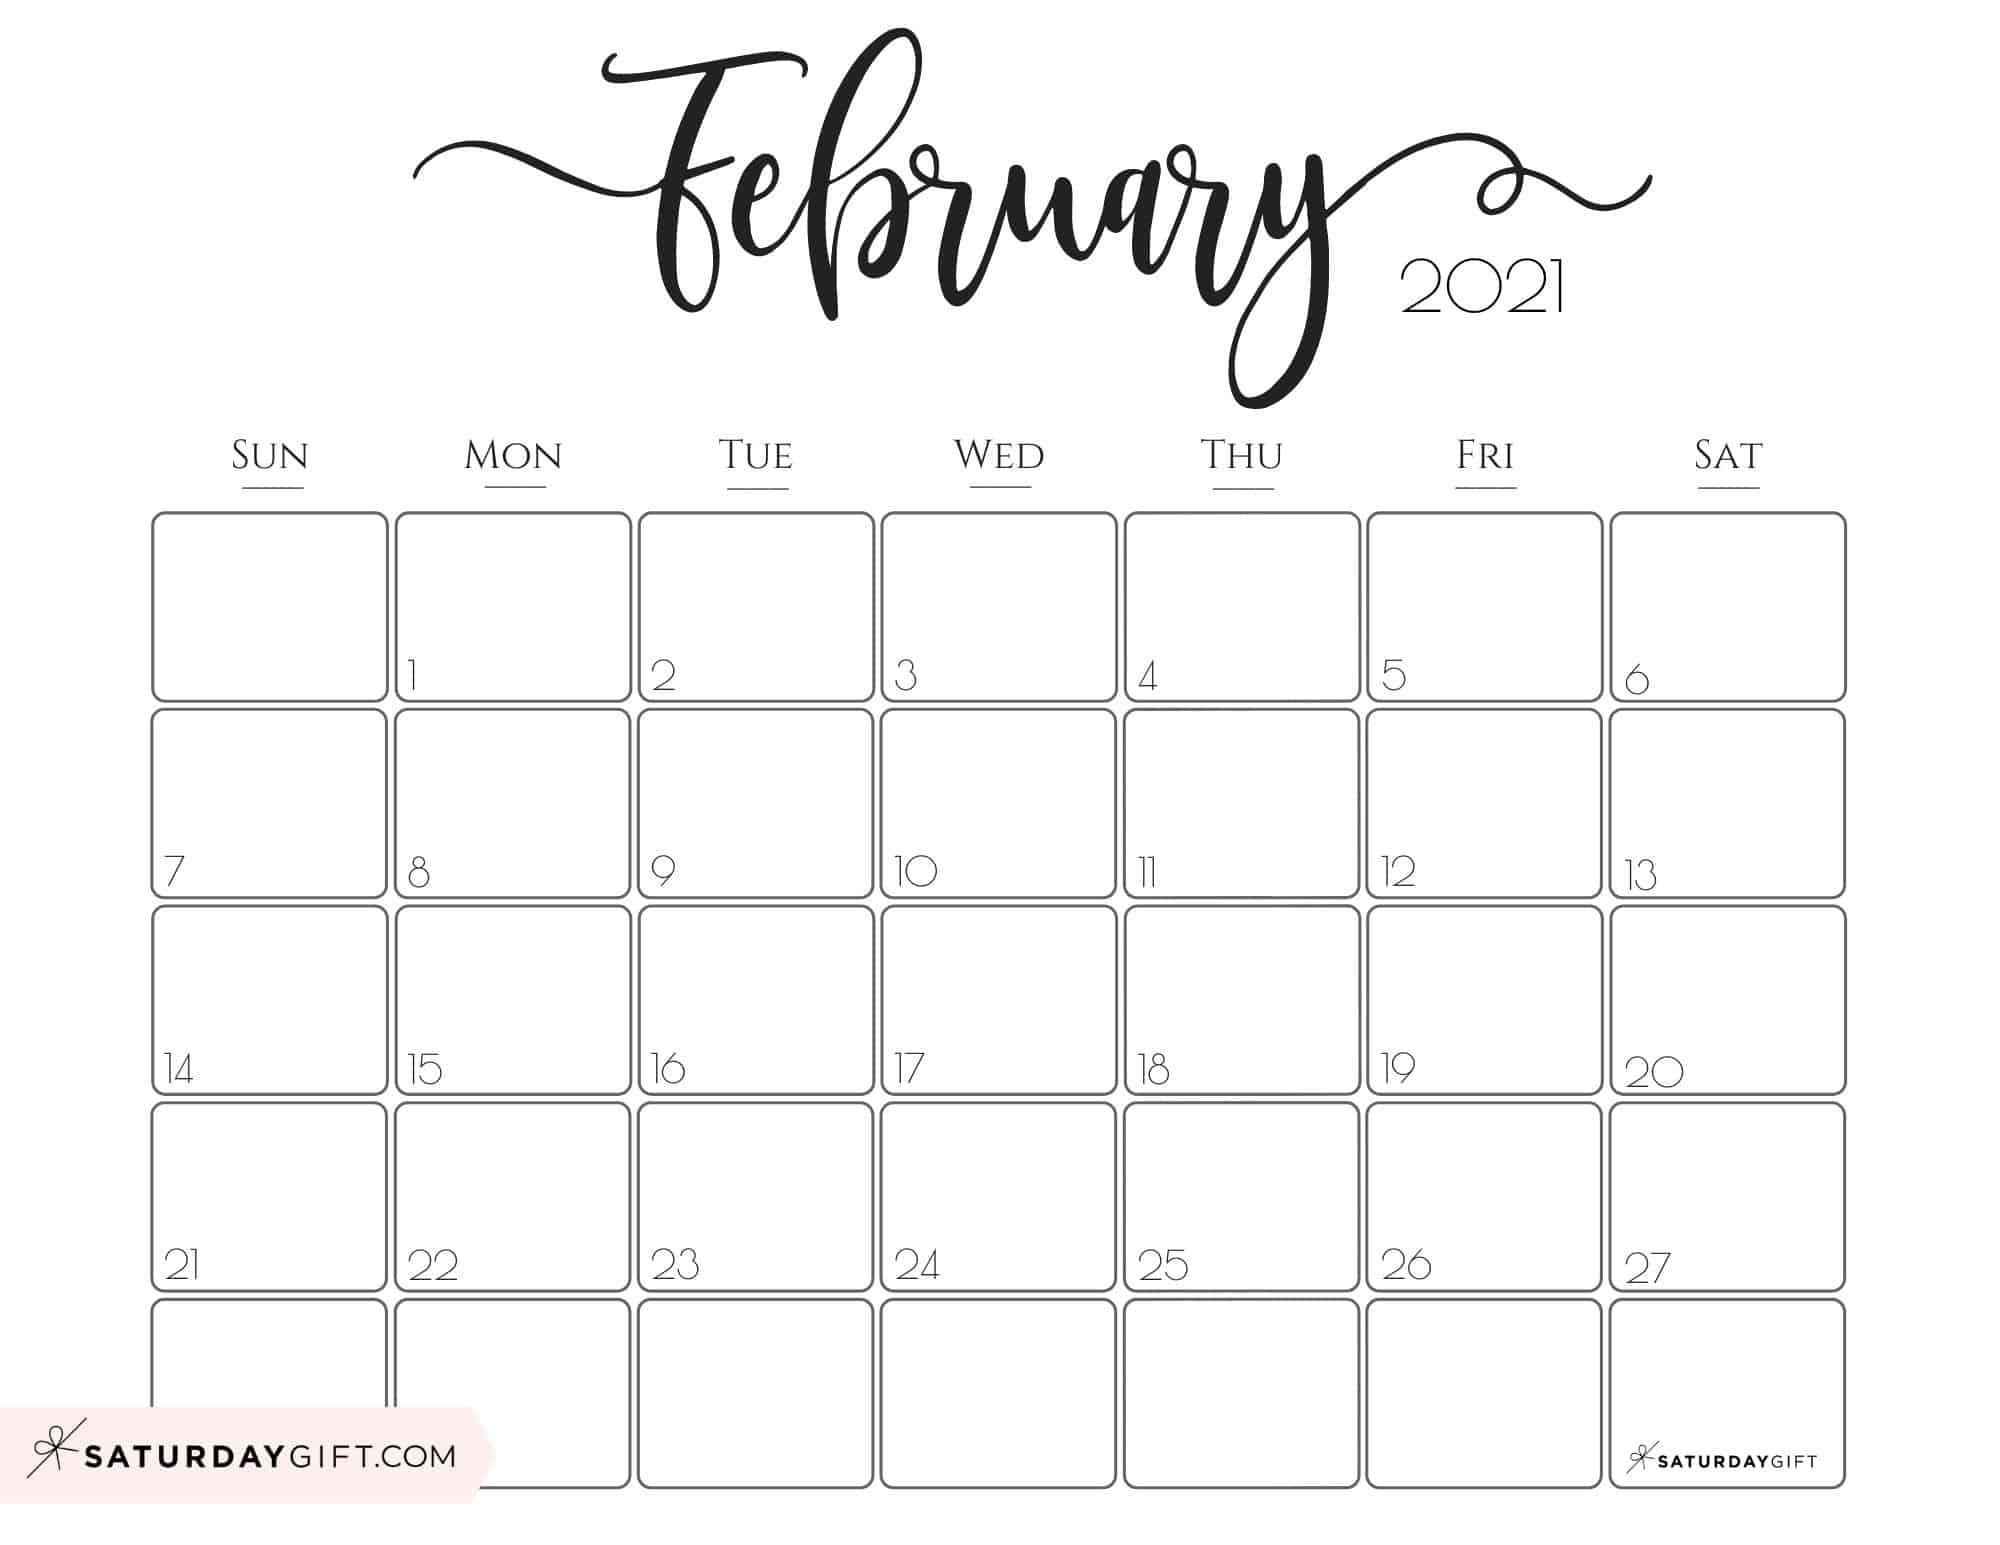 2021 Zambian Calendar - Example Calendar Printable